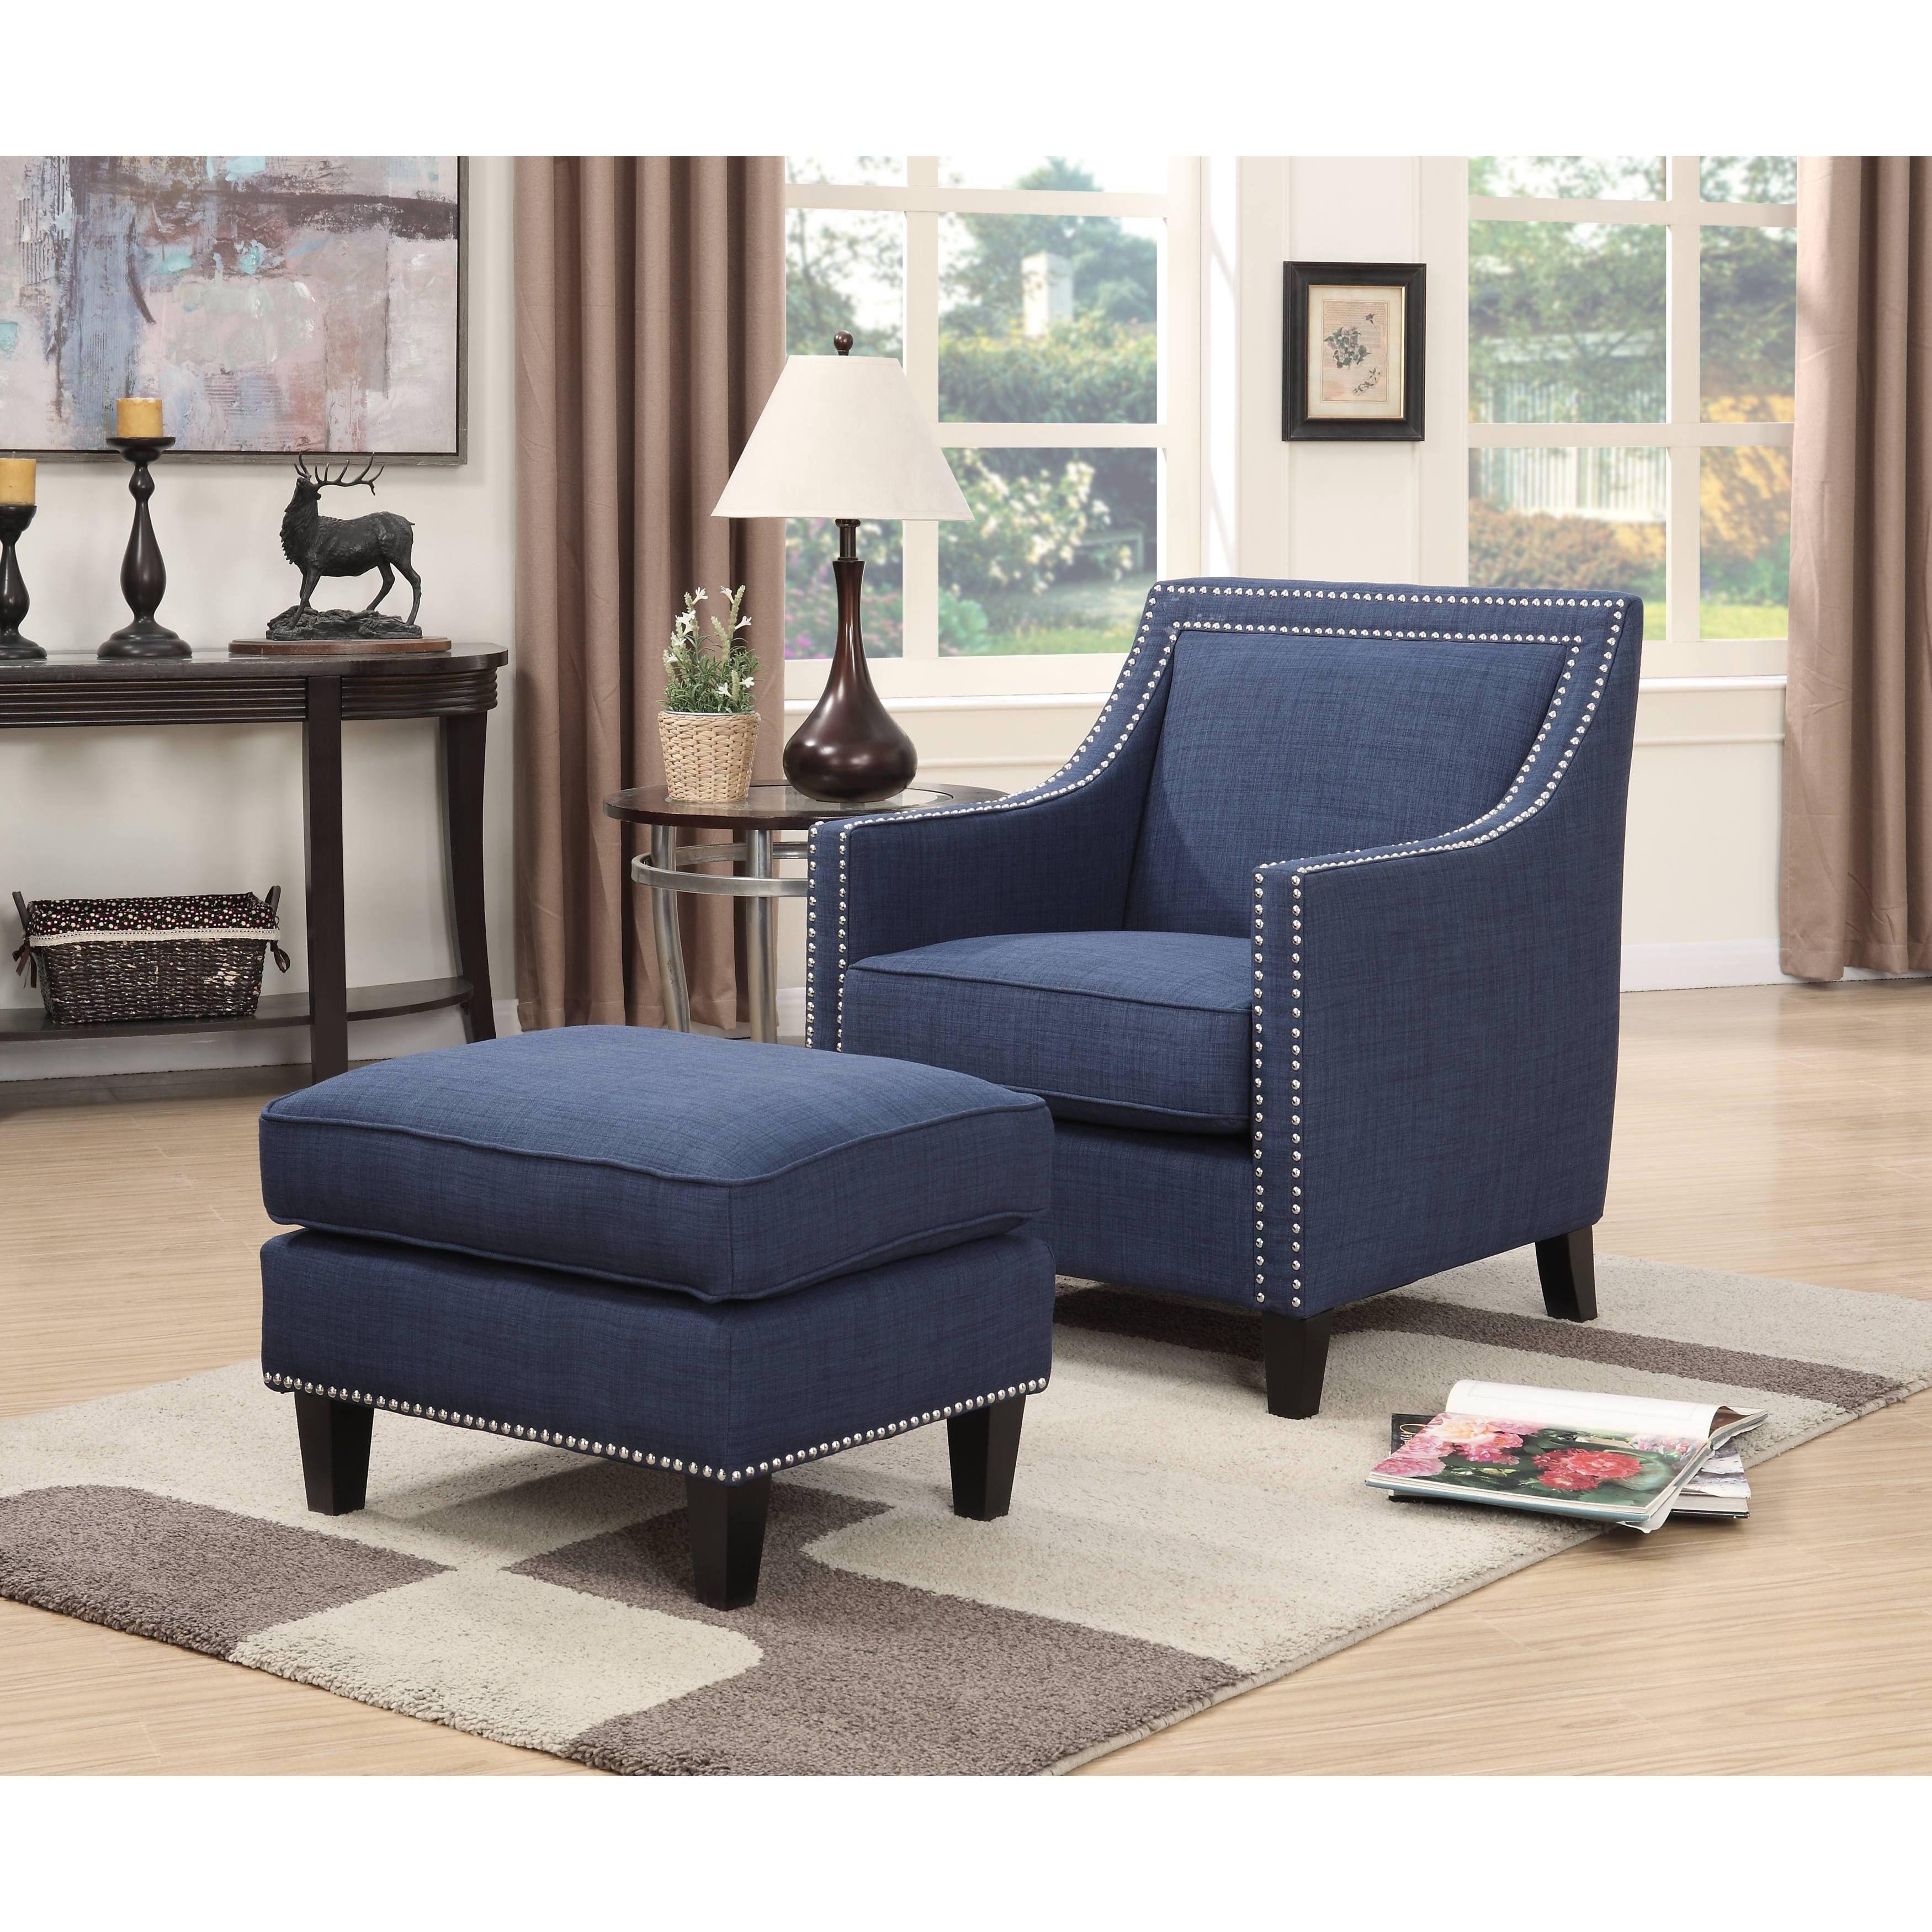 Clay alder home harrison chair ottoman emery chair ottoman blue